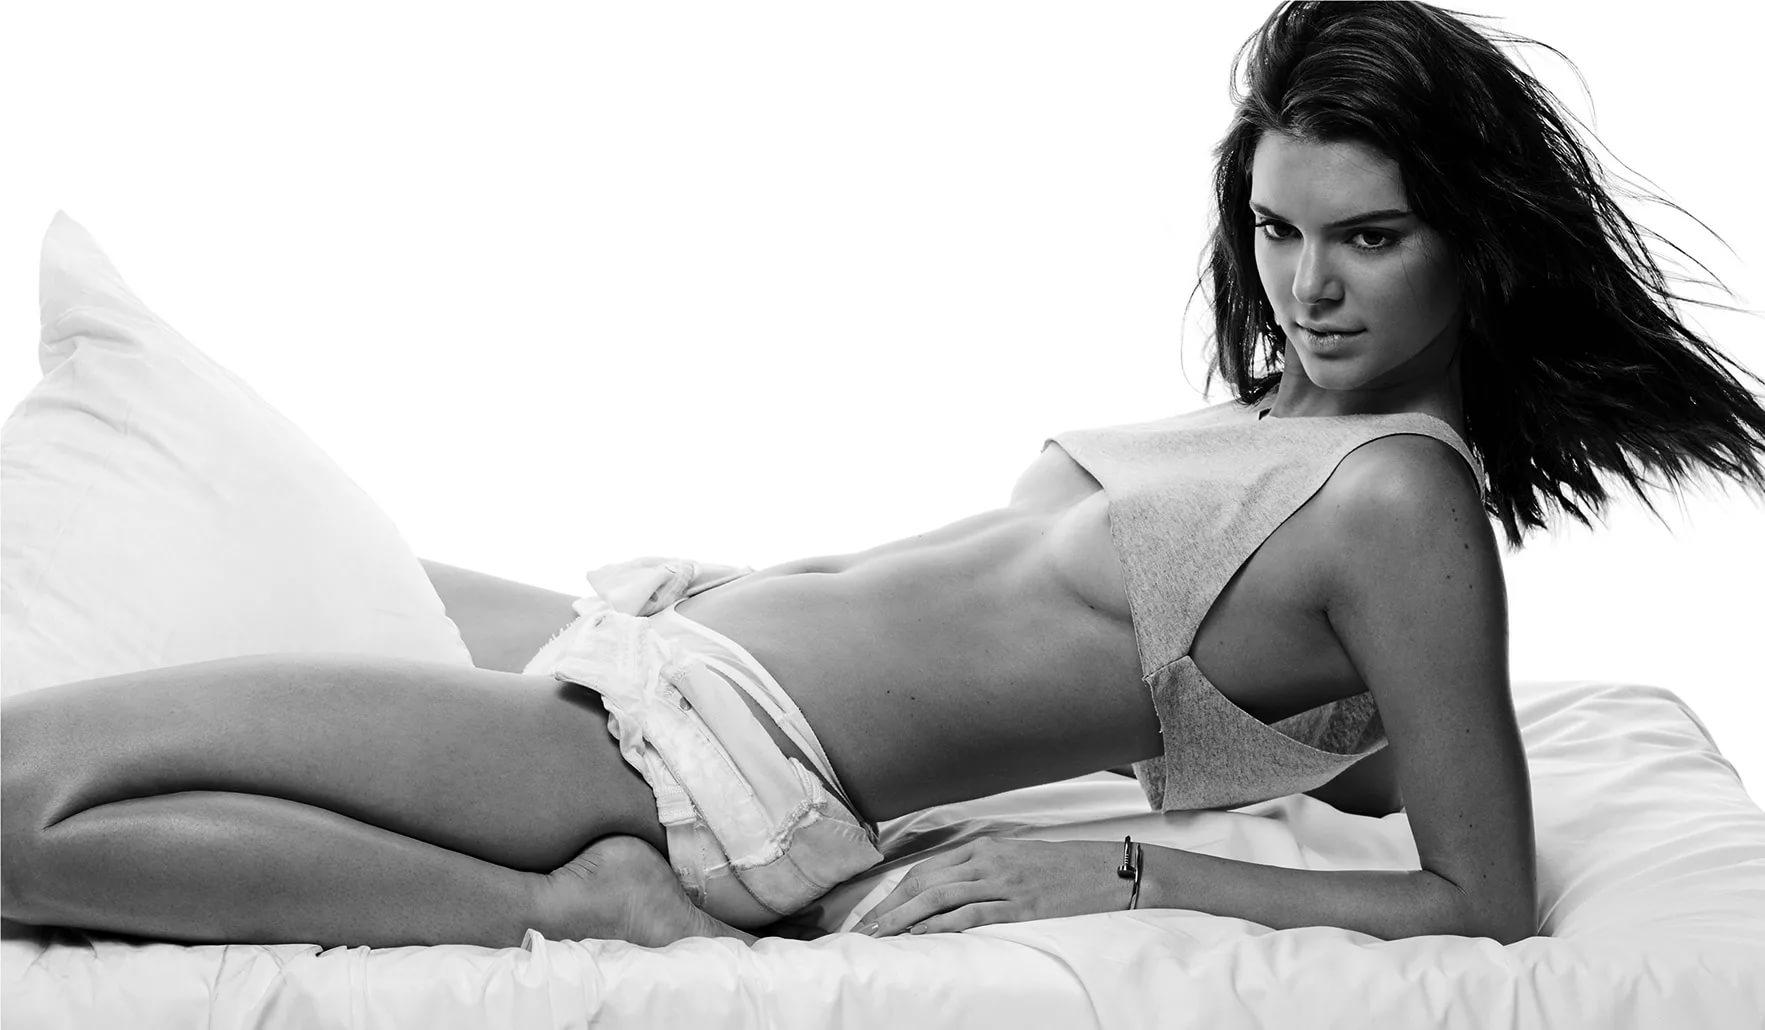 Başarılı ve güzel model Kendall Jenner verdiği sexy cesur pozlarla çok konuşulacak. HD foto galeriyi görüntülemek için buraya tıklayın.